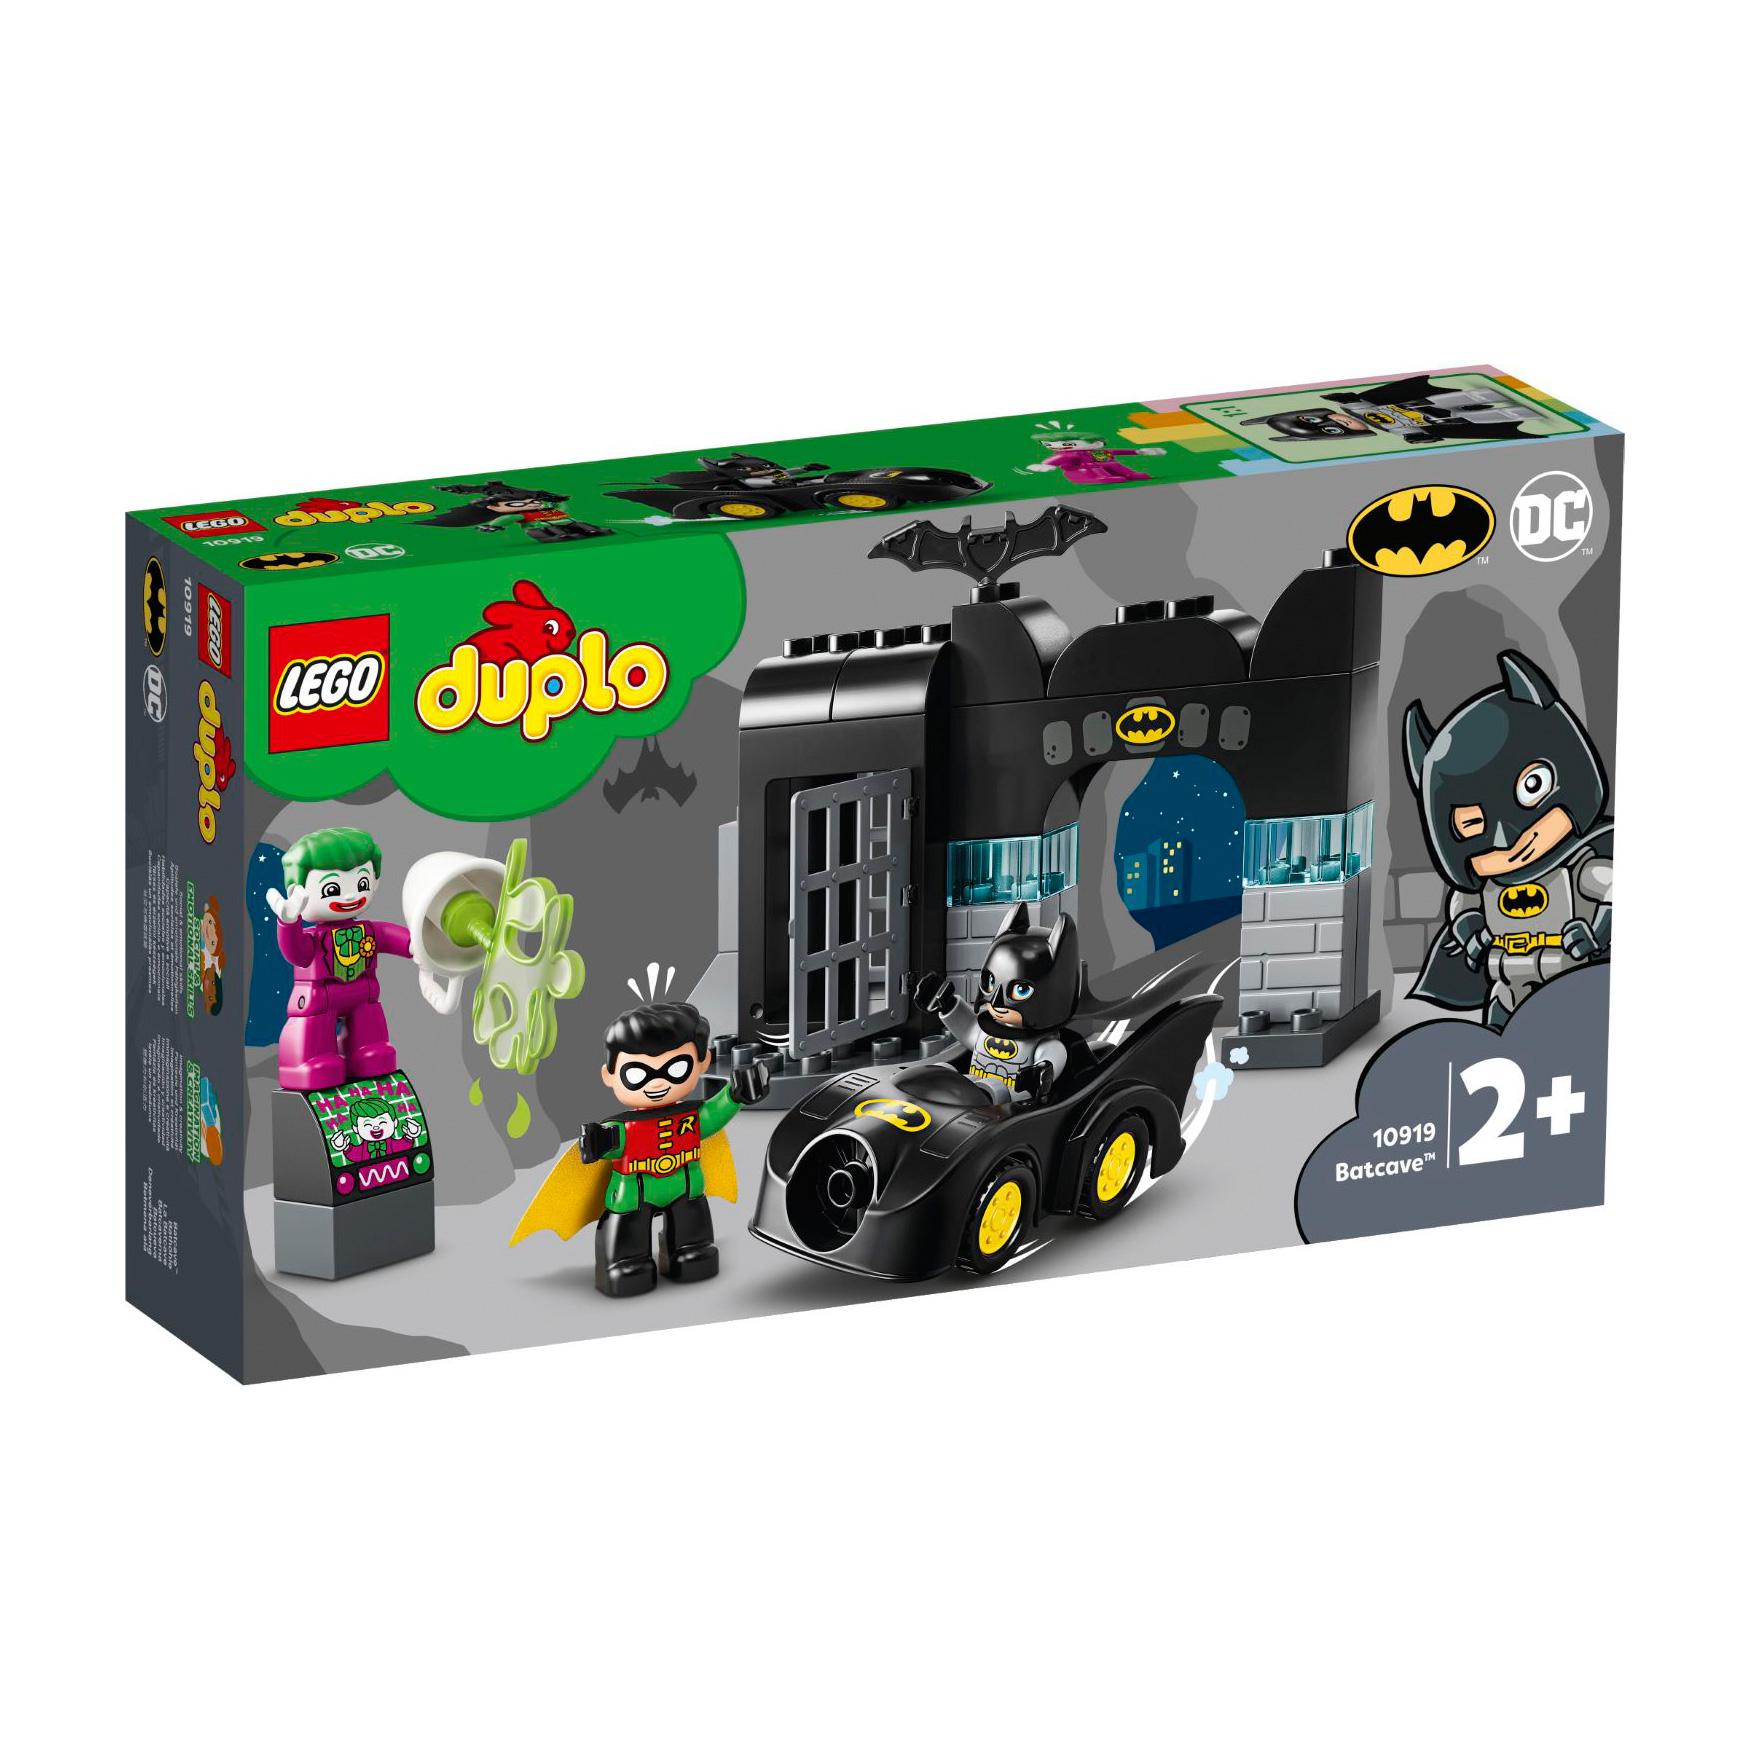 לגו מגה סטור דופלו 10919 LEGO Batcave